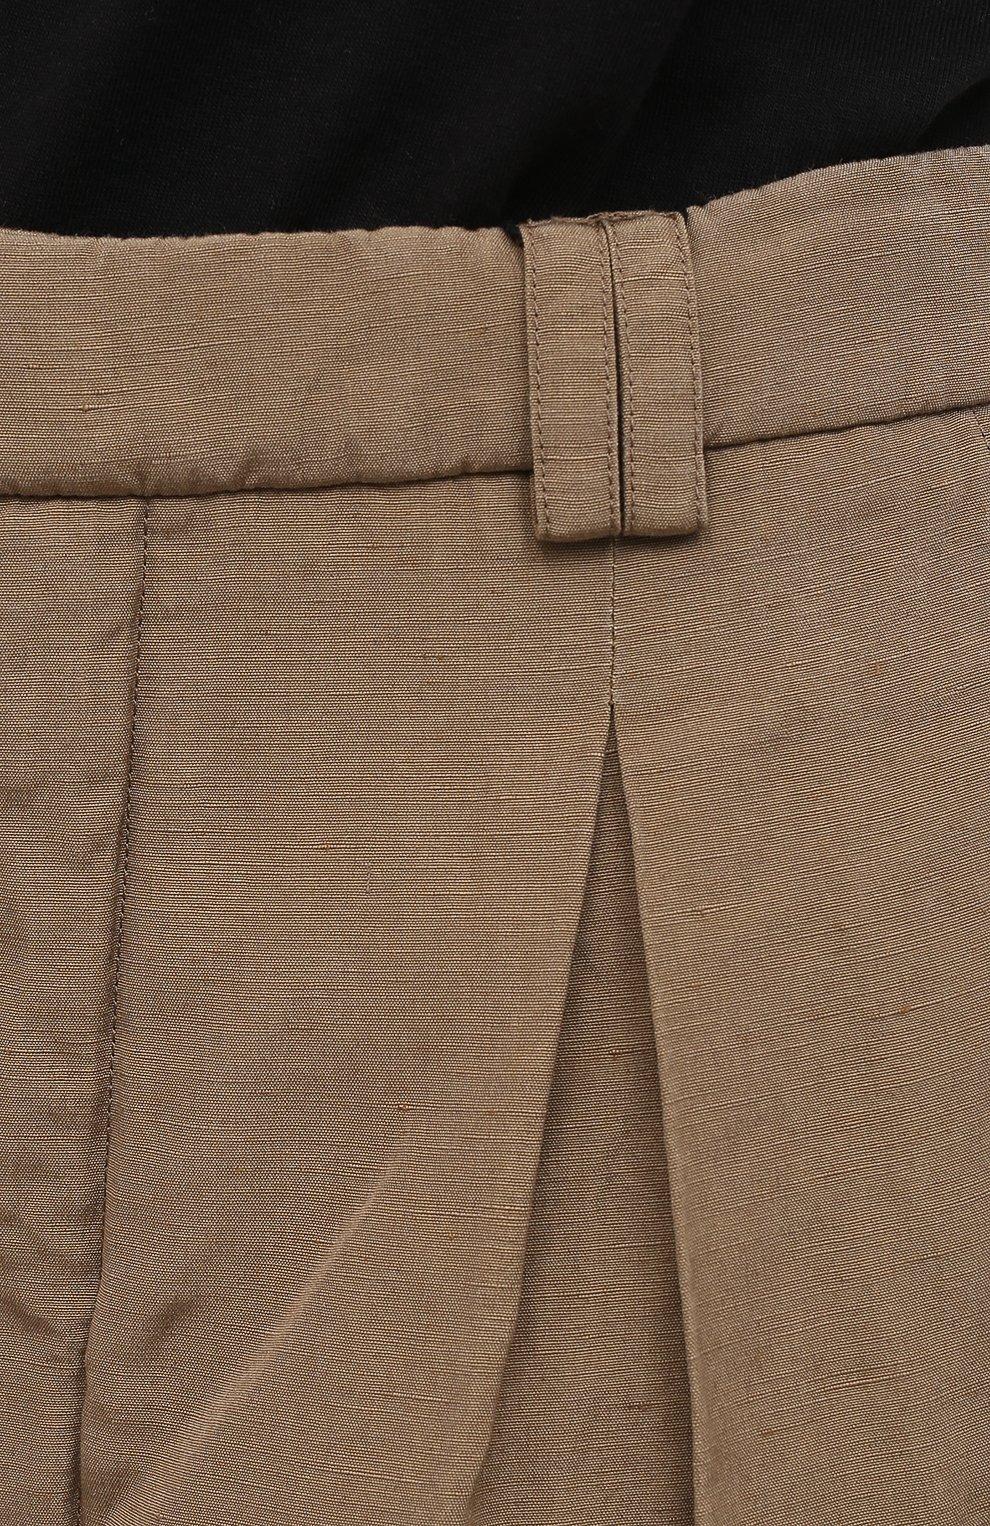 Женские шорты из шелка и льна SAINT LAURENT бежевого цвета, арт. 643702/Y5C10   Фото 5 (Женское Кросс-КТ: Шорты-одежда; Материал внешний: Шелк, Лен; Длина Ж (юбки, платья, шорты): Мини; Кросс-КТ: Широкие; Стили: Кэжуэл)